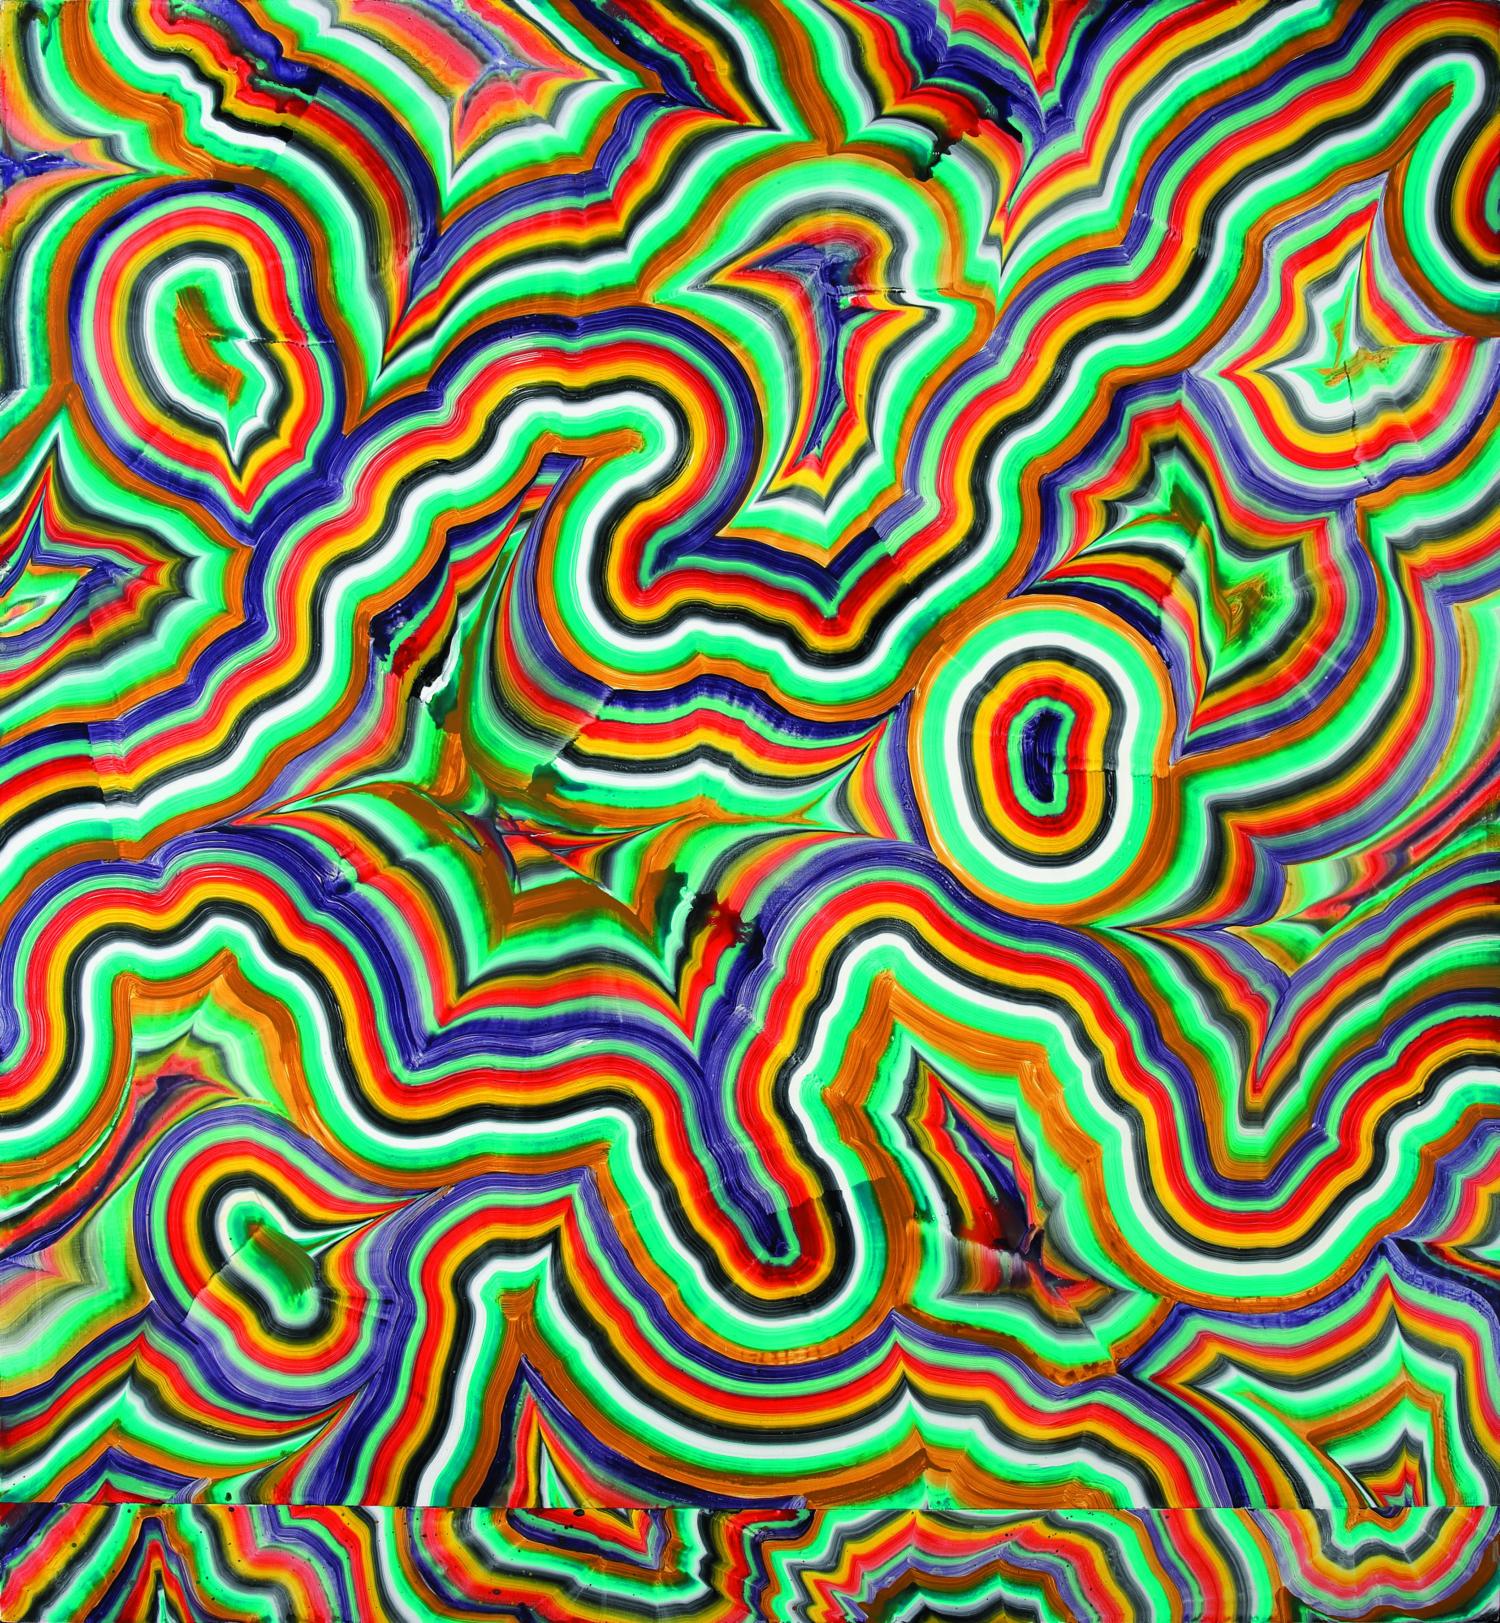 Bernard Frize Extension 2, 1990 Acrylique et résine sur toile 240 x 220 cm